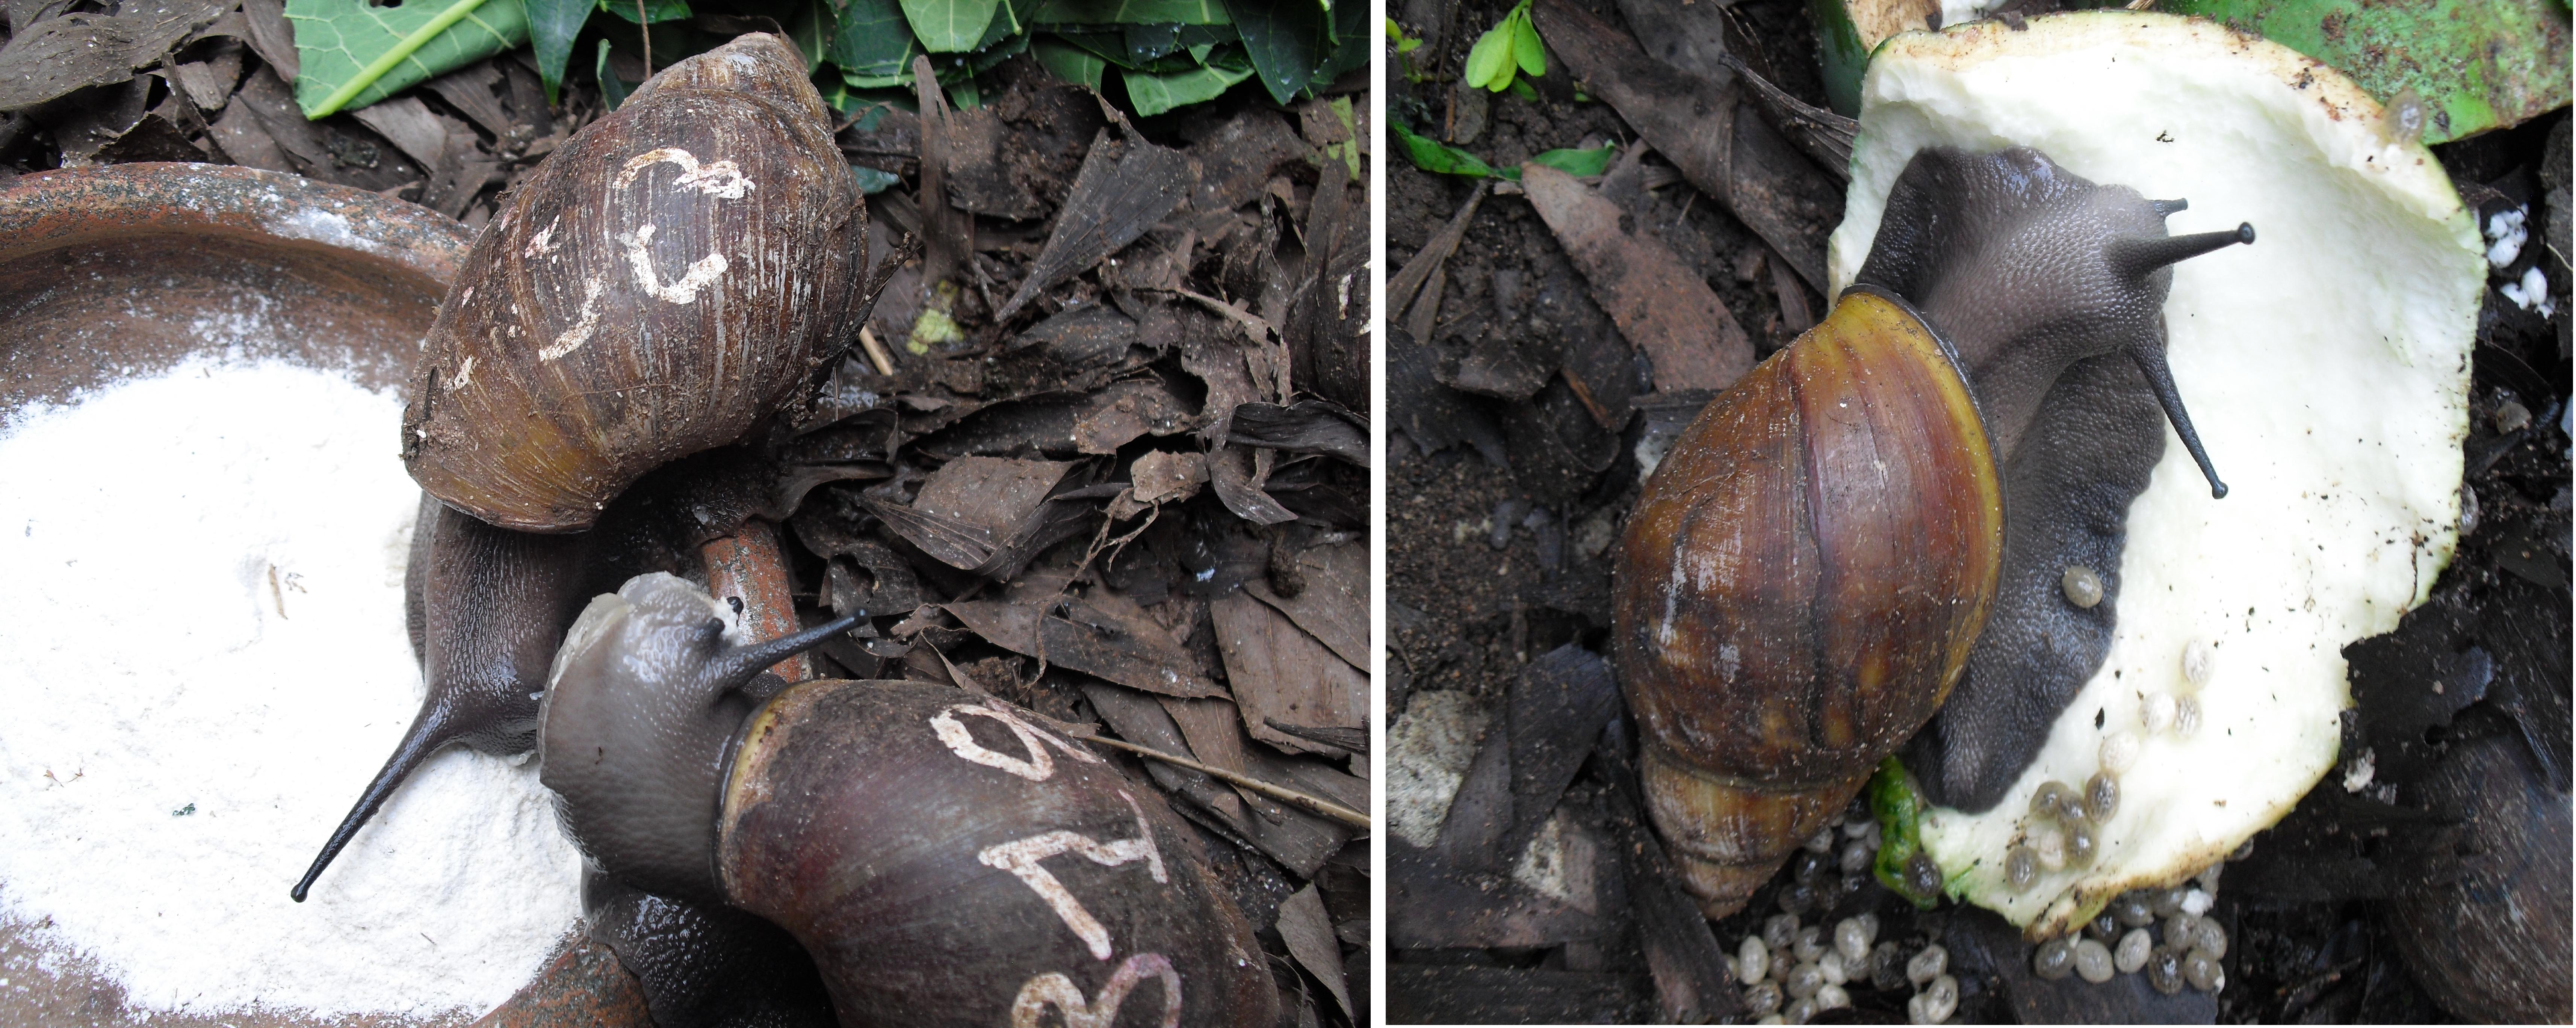 Elevage D'escargot Au Bénin : Un Secteur D'avenir   Le Blog concernant Elevage Escargot